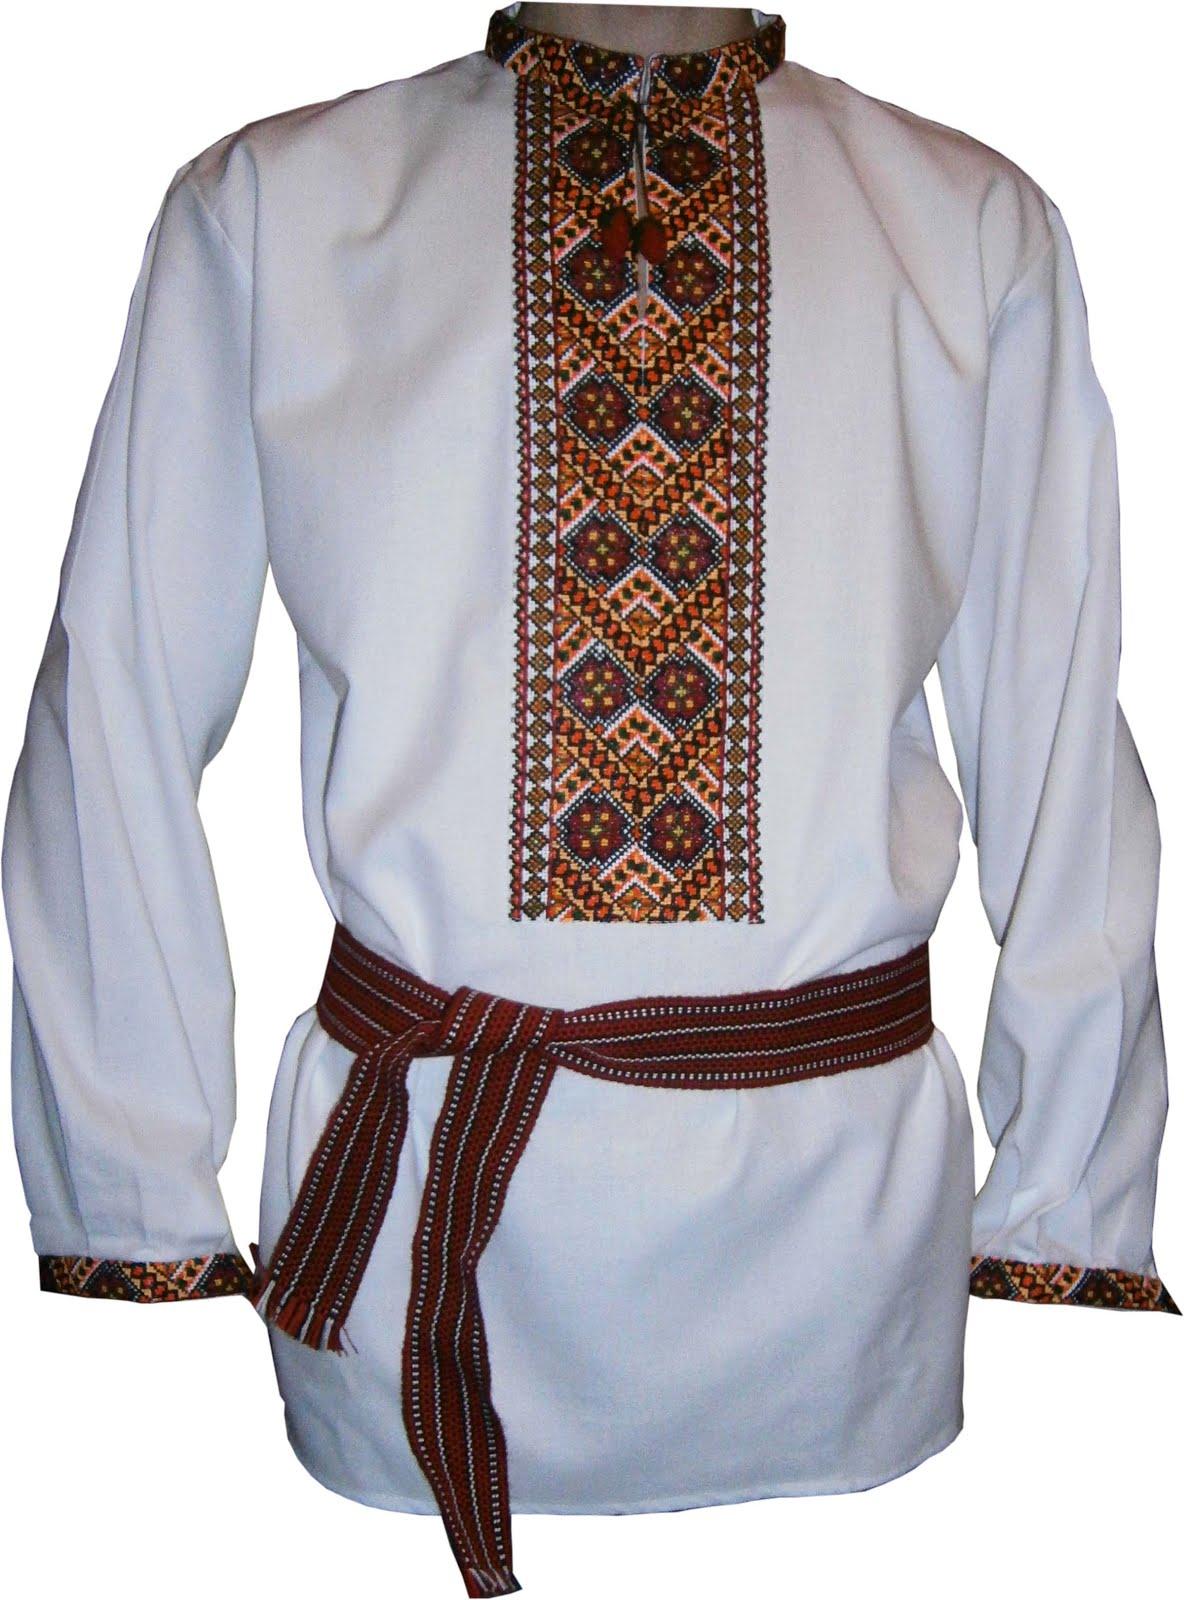 Вишиванка - Інтернет-магазин вишиванок  Вишиванка - хіт продажів! e86eba172c096